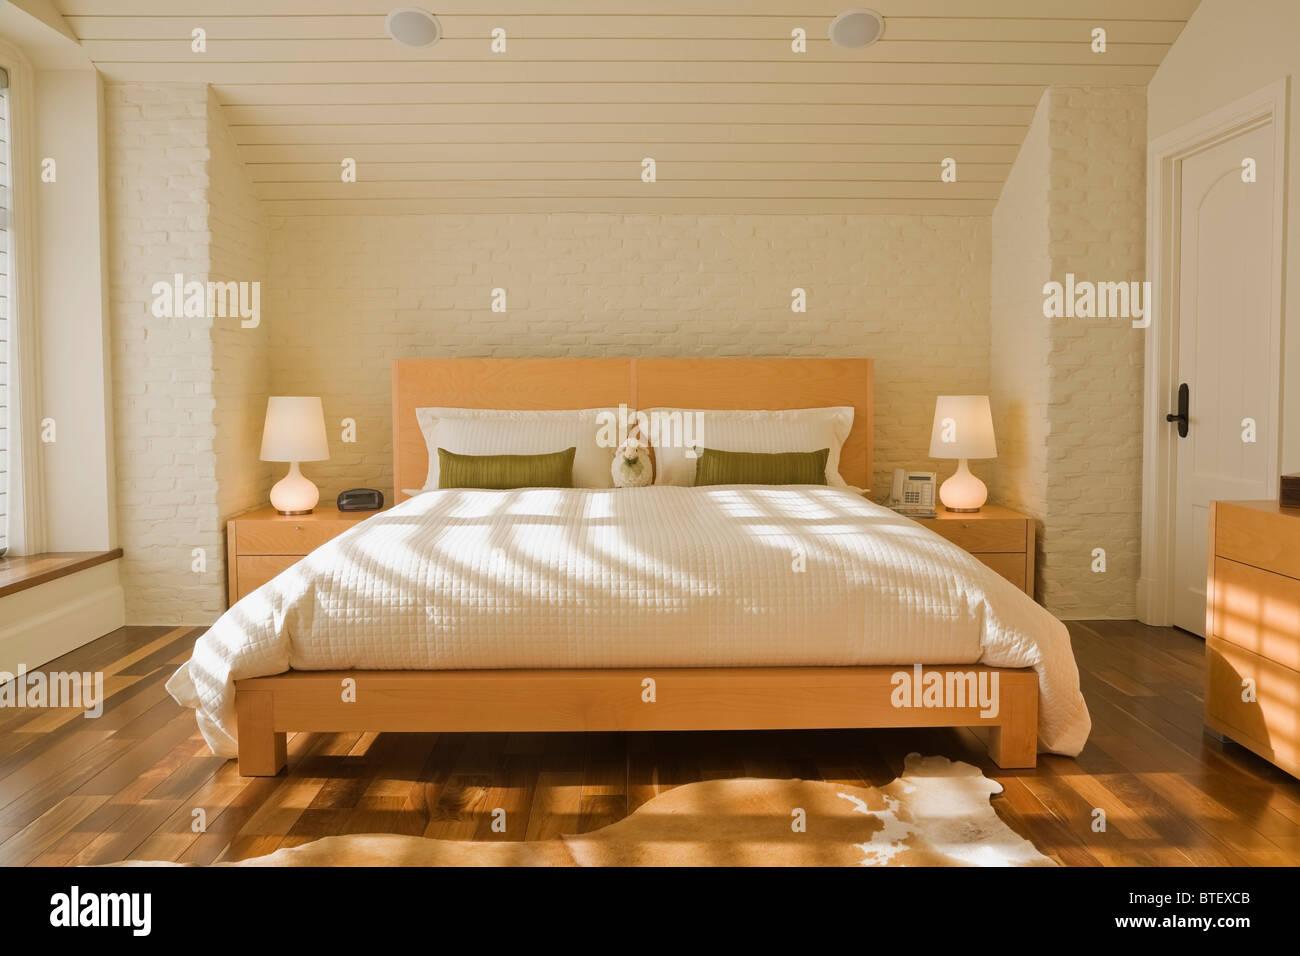 Dormitorio principal con cama King Size en la lujosa casa Imagen De Stock